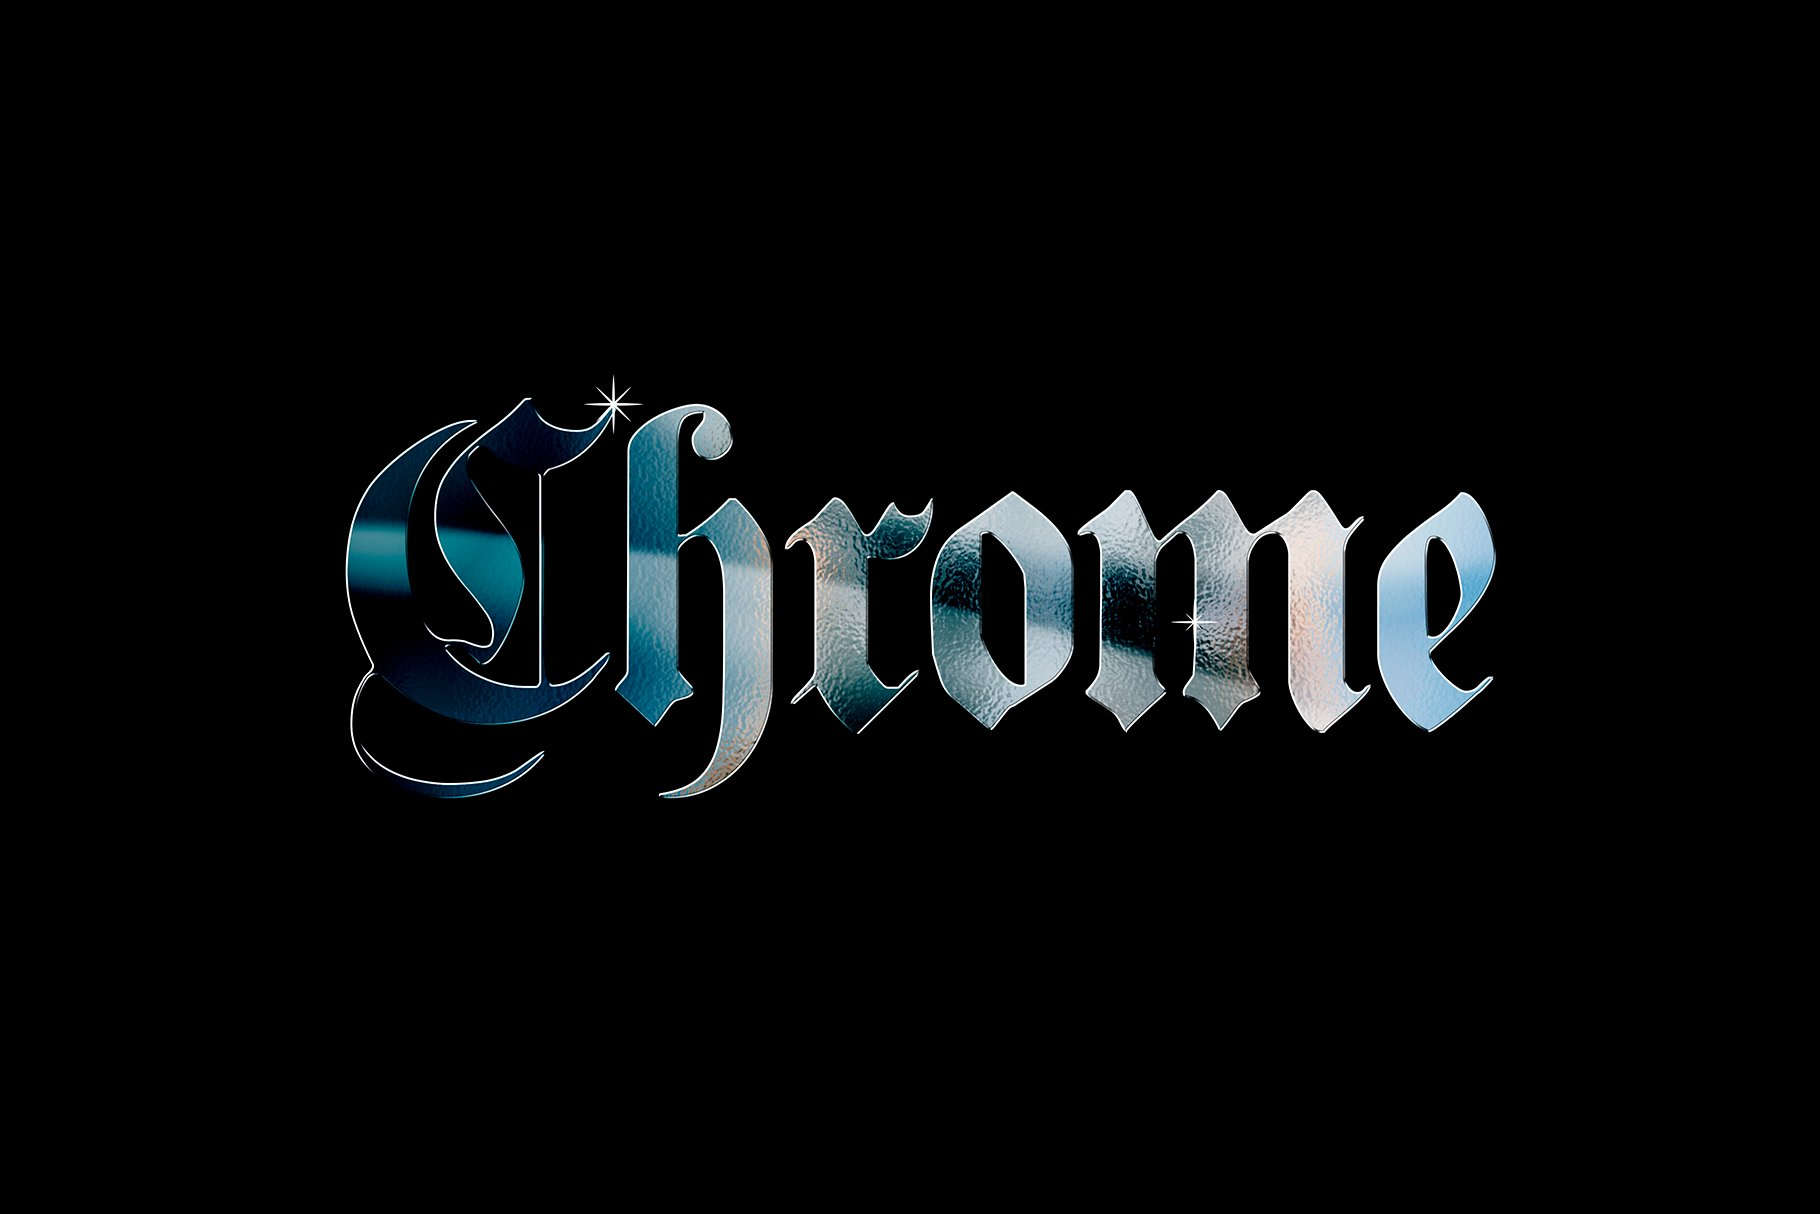 [淘宝购买] 20款金属渐变效果平面广告海报标题字体设计PS样式模板 Chrome Layer Style Pack插图(4)